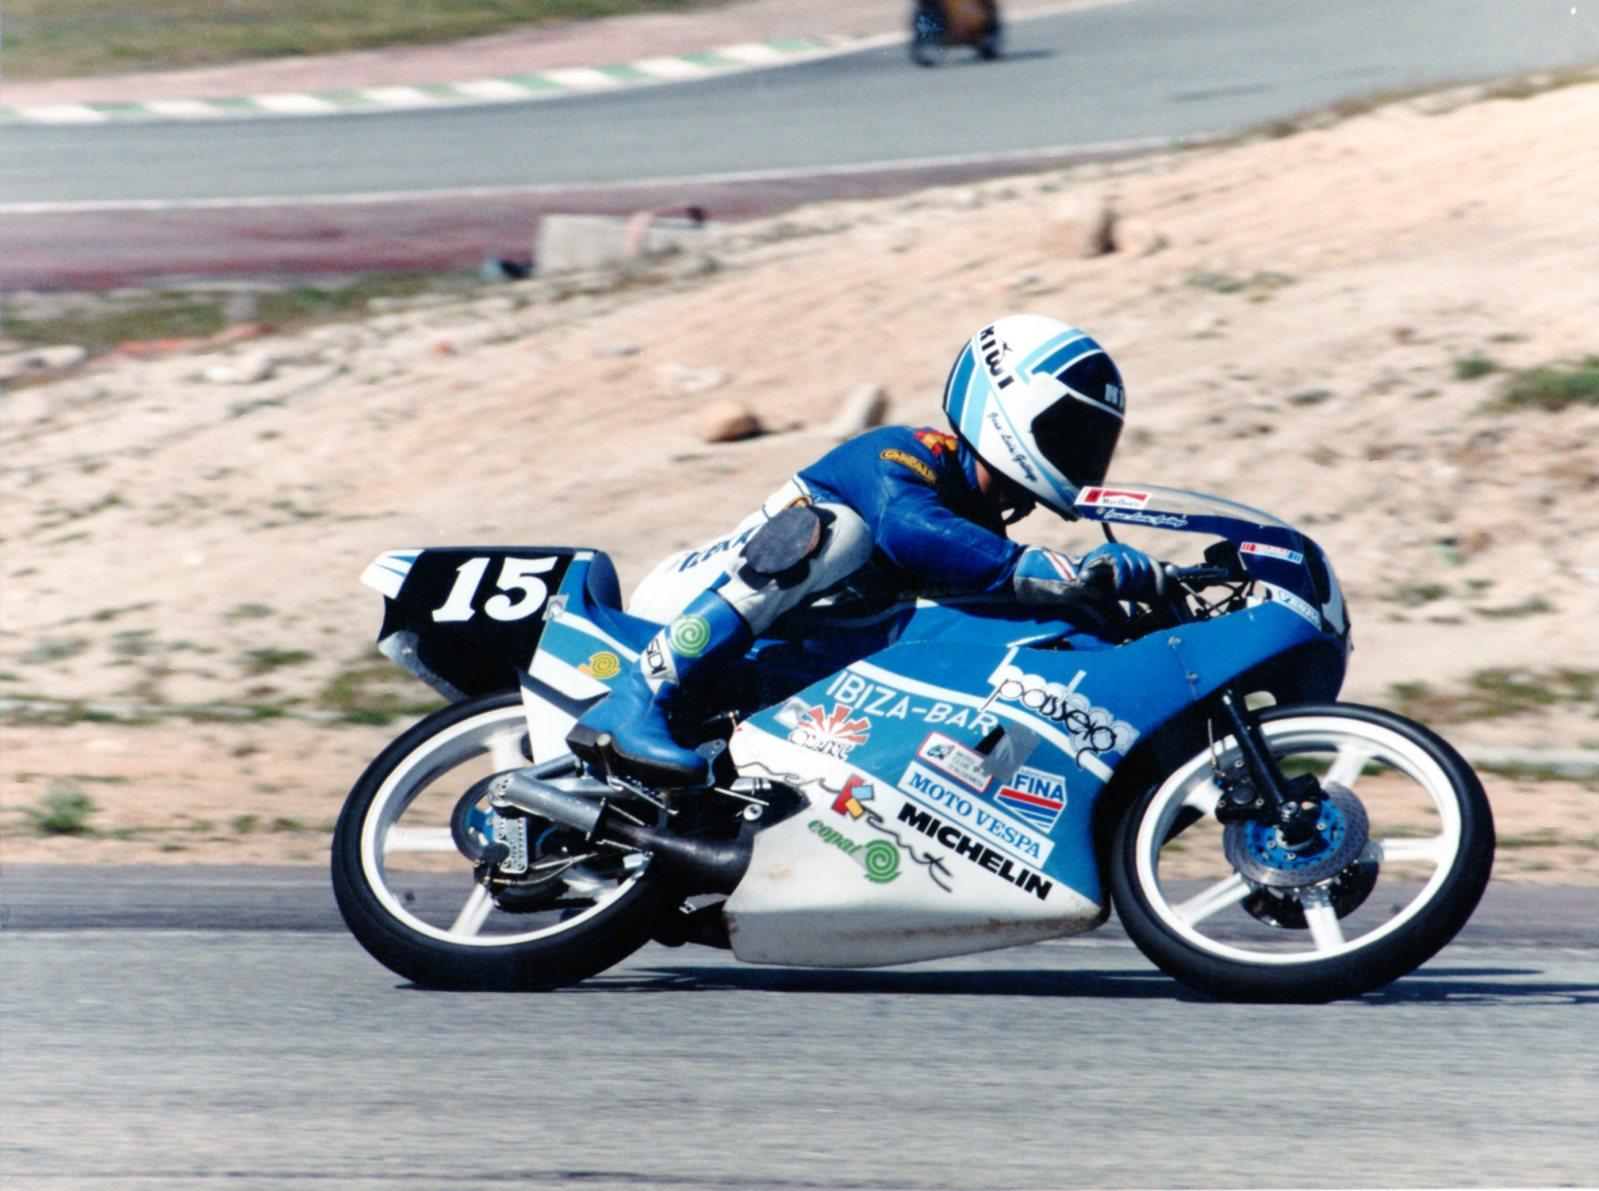 Antiguos pilotos: José Luis Gallego (V) 2h4z6m8